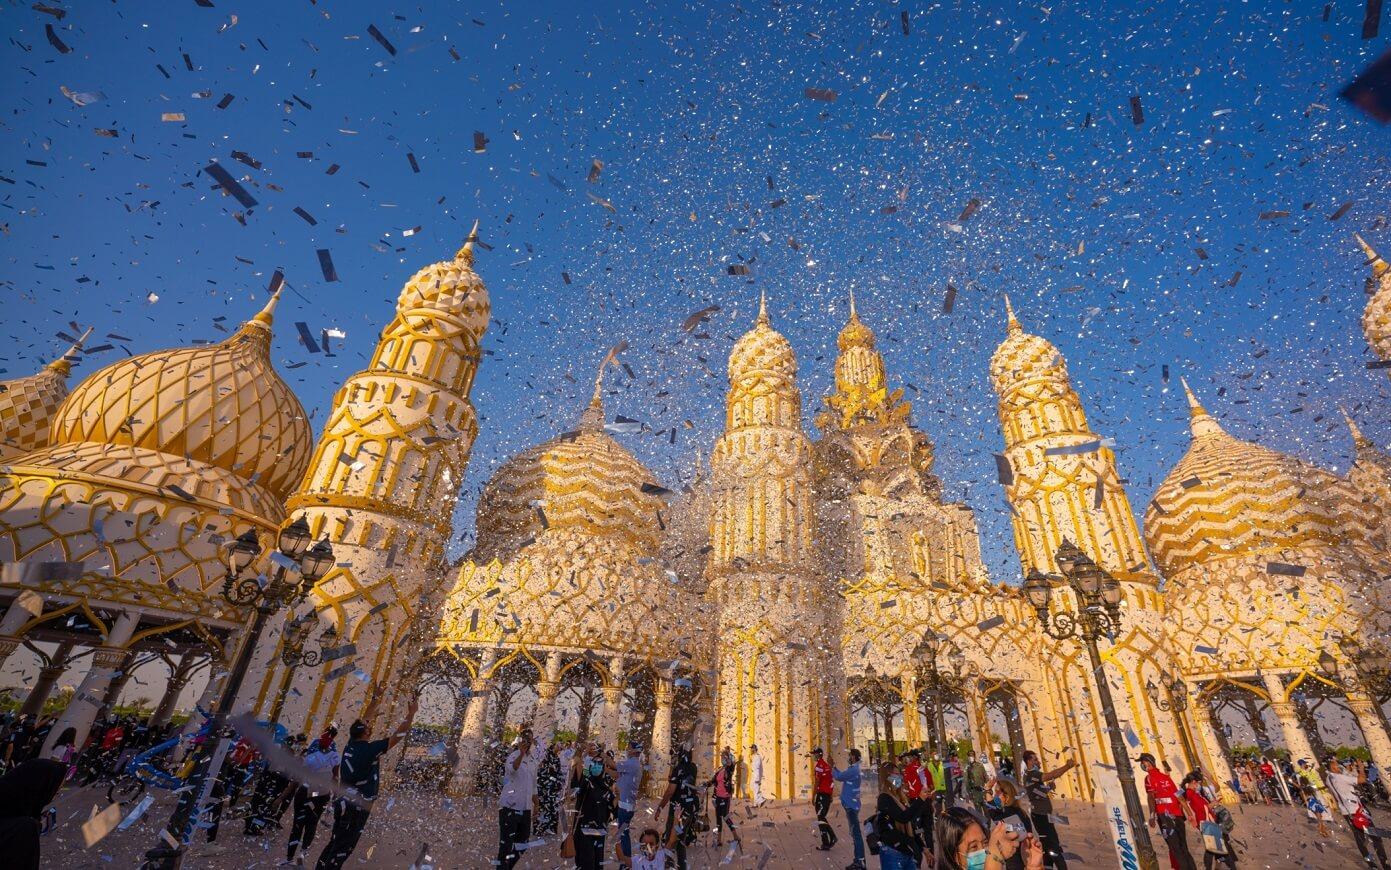 القرية العالمية تستقبل ضيوفها بعالم من الروائع في اليوم الأول من موسم الاحتفال باليوبيل الفضي